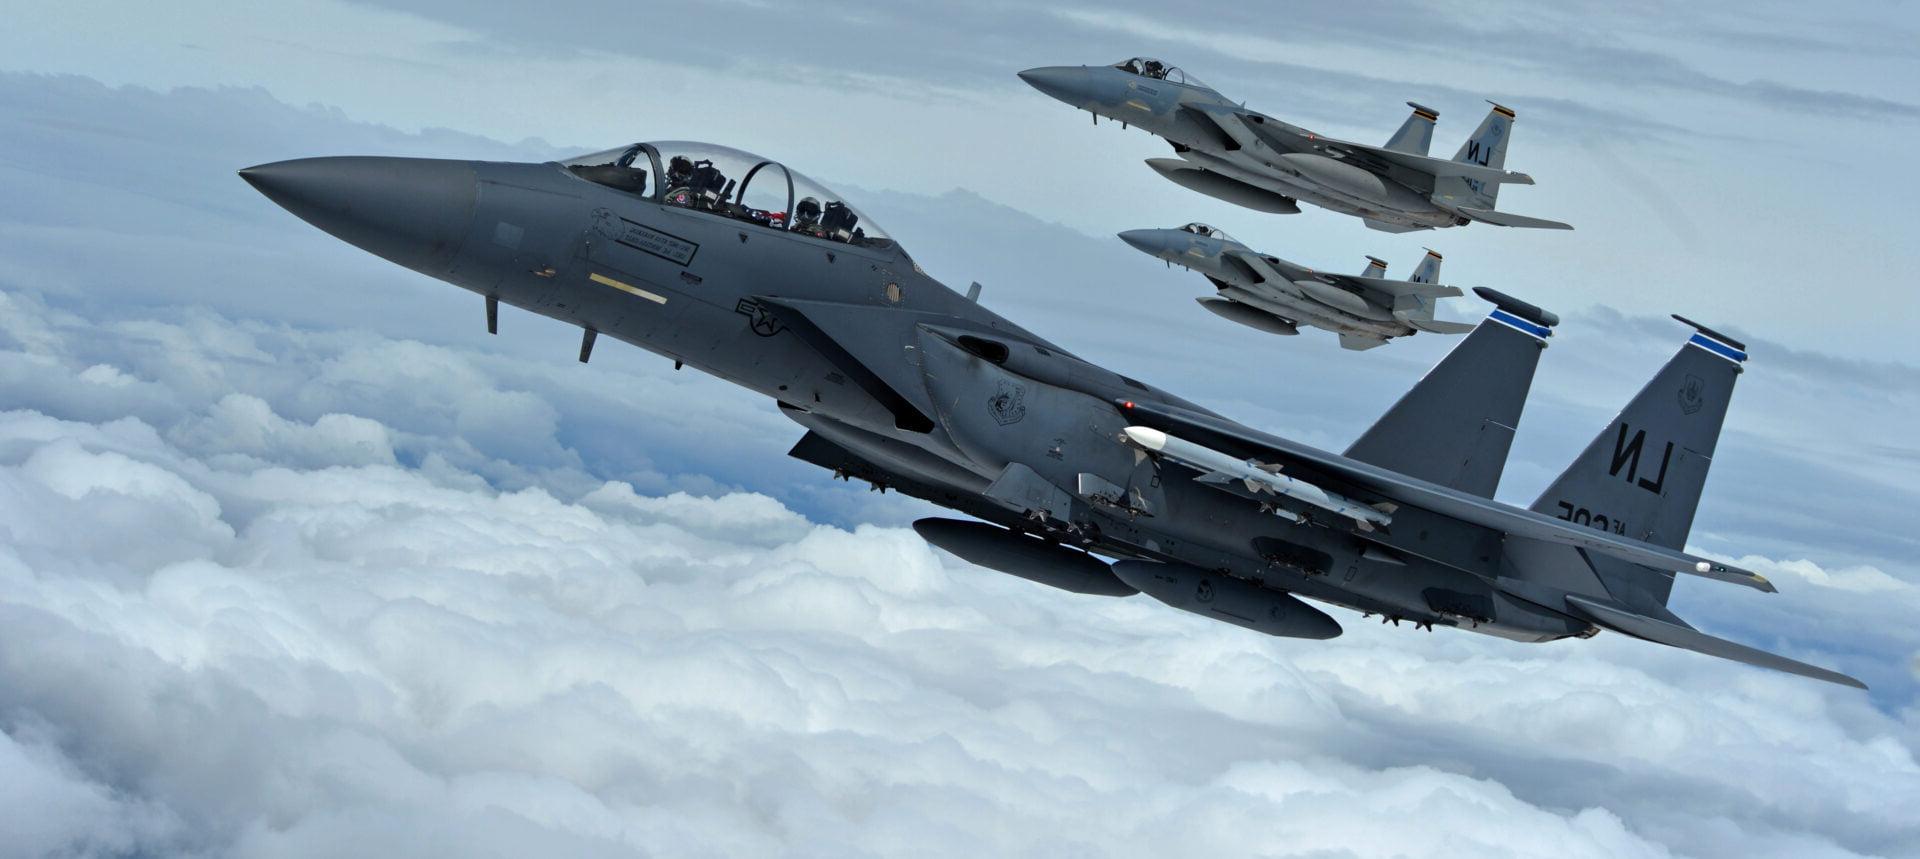 ΣΑΟΥΔΑΡΑΒΙΚΑ F15 ΕΡΧΟΝΤΑΙ ΕΛΛΑΔΑ – ΤΡΟΜΟΣ ΣΤΑ ΤΟΥΡΚΙΚΑ ΜΜΕ